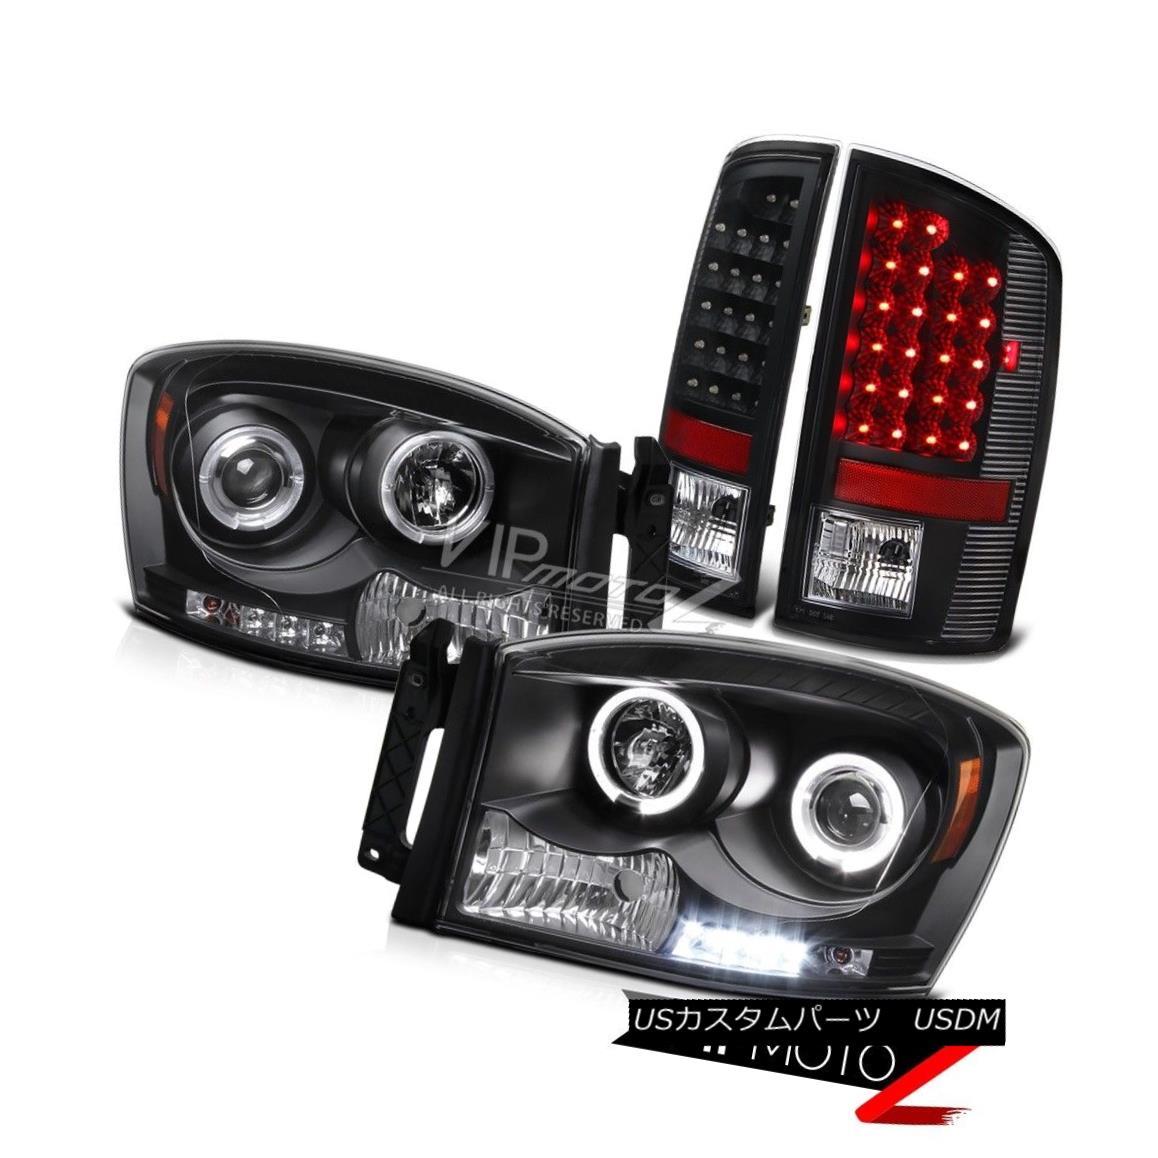 テールライト 07-08 Dodge RAM Left+Right Angel Eye Projector Headlight+Black LED Taillamp 07-08ダッジRAM左+右エンジェルアイプロジェクターヘッドライト+ブラック k LEDテールランプ